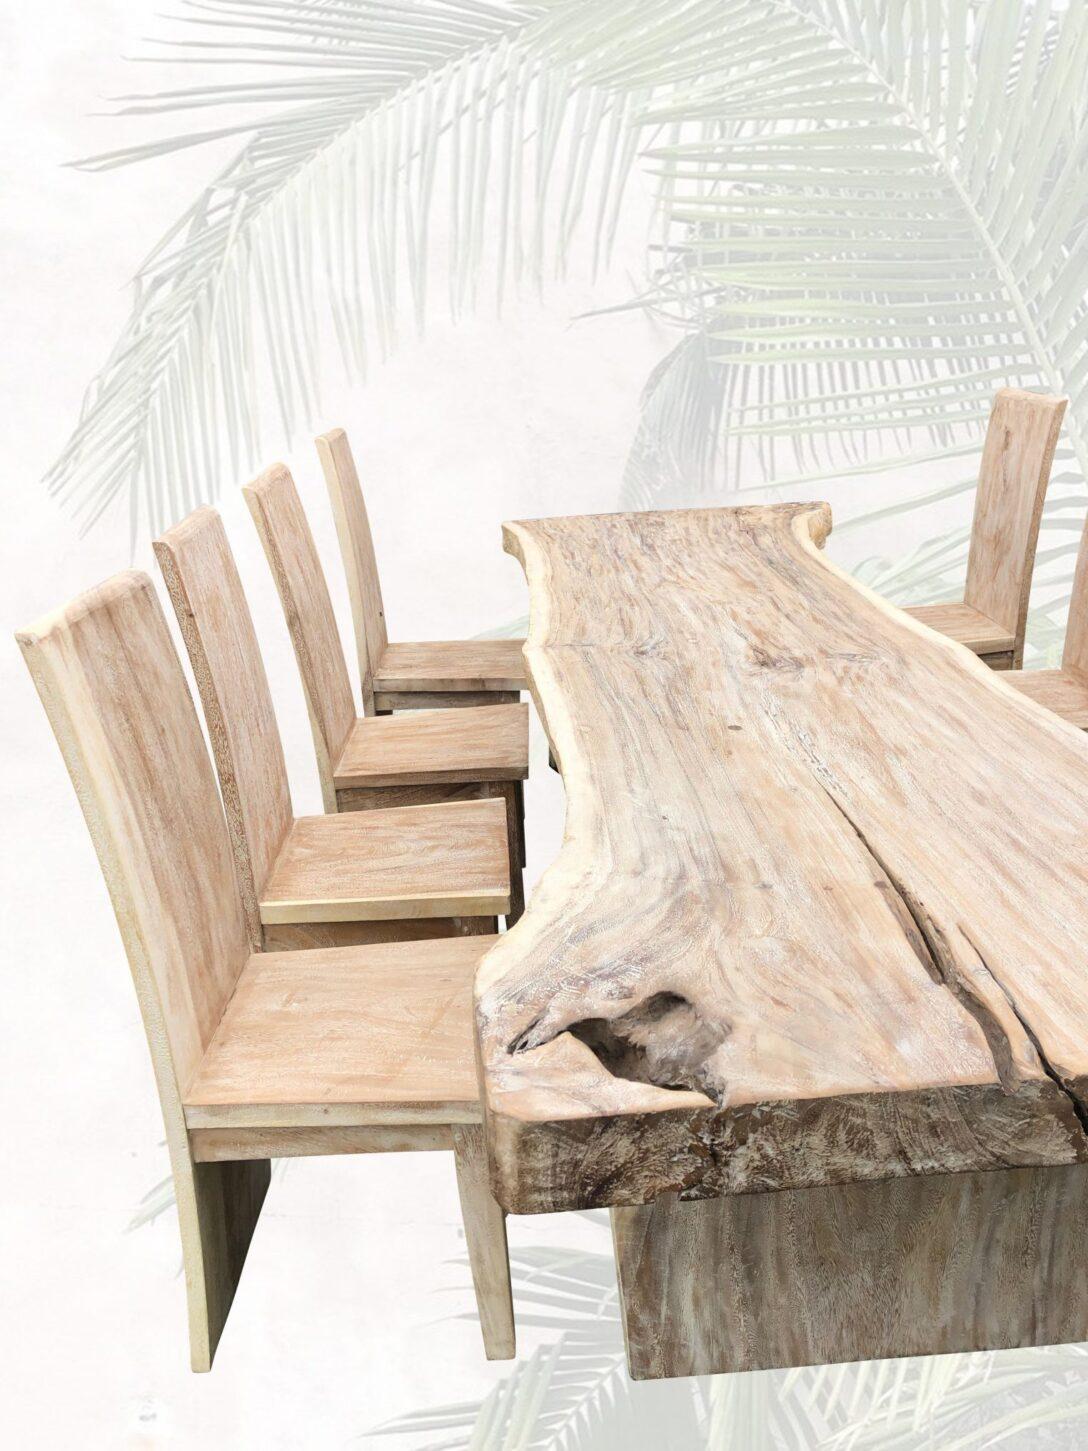 Large Size of Esstisch Mit Stühlen Groer Massivholz 8 Sthlen Dari Asia Antike Glas Ausziehbar Weiß Big Sofa Hocker Oval Skandinavisch Bett Bettkasten 180x200 Massiv Esstische Esstisch Mit Stühlen